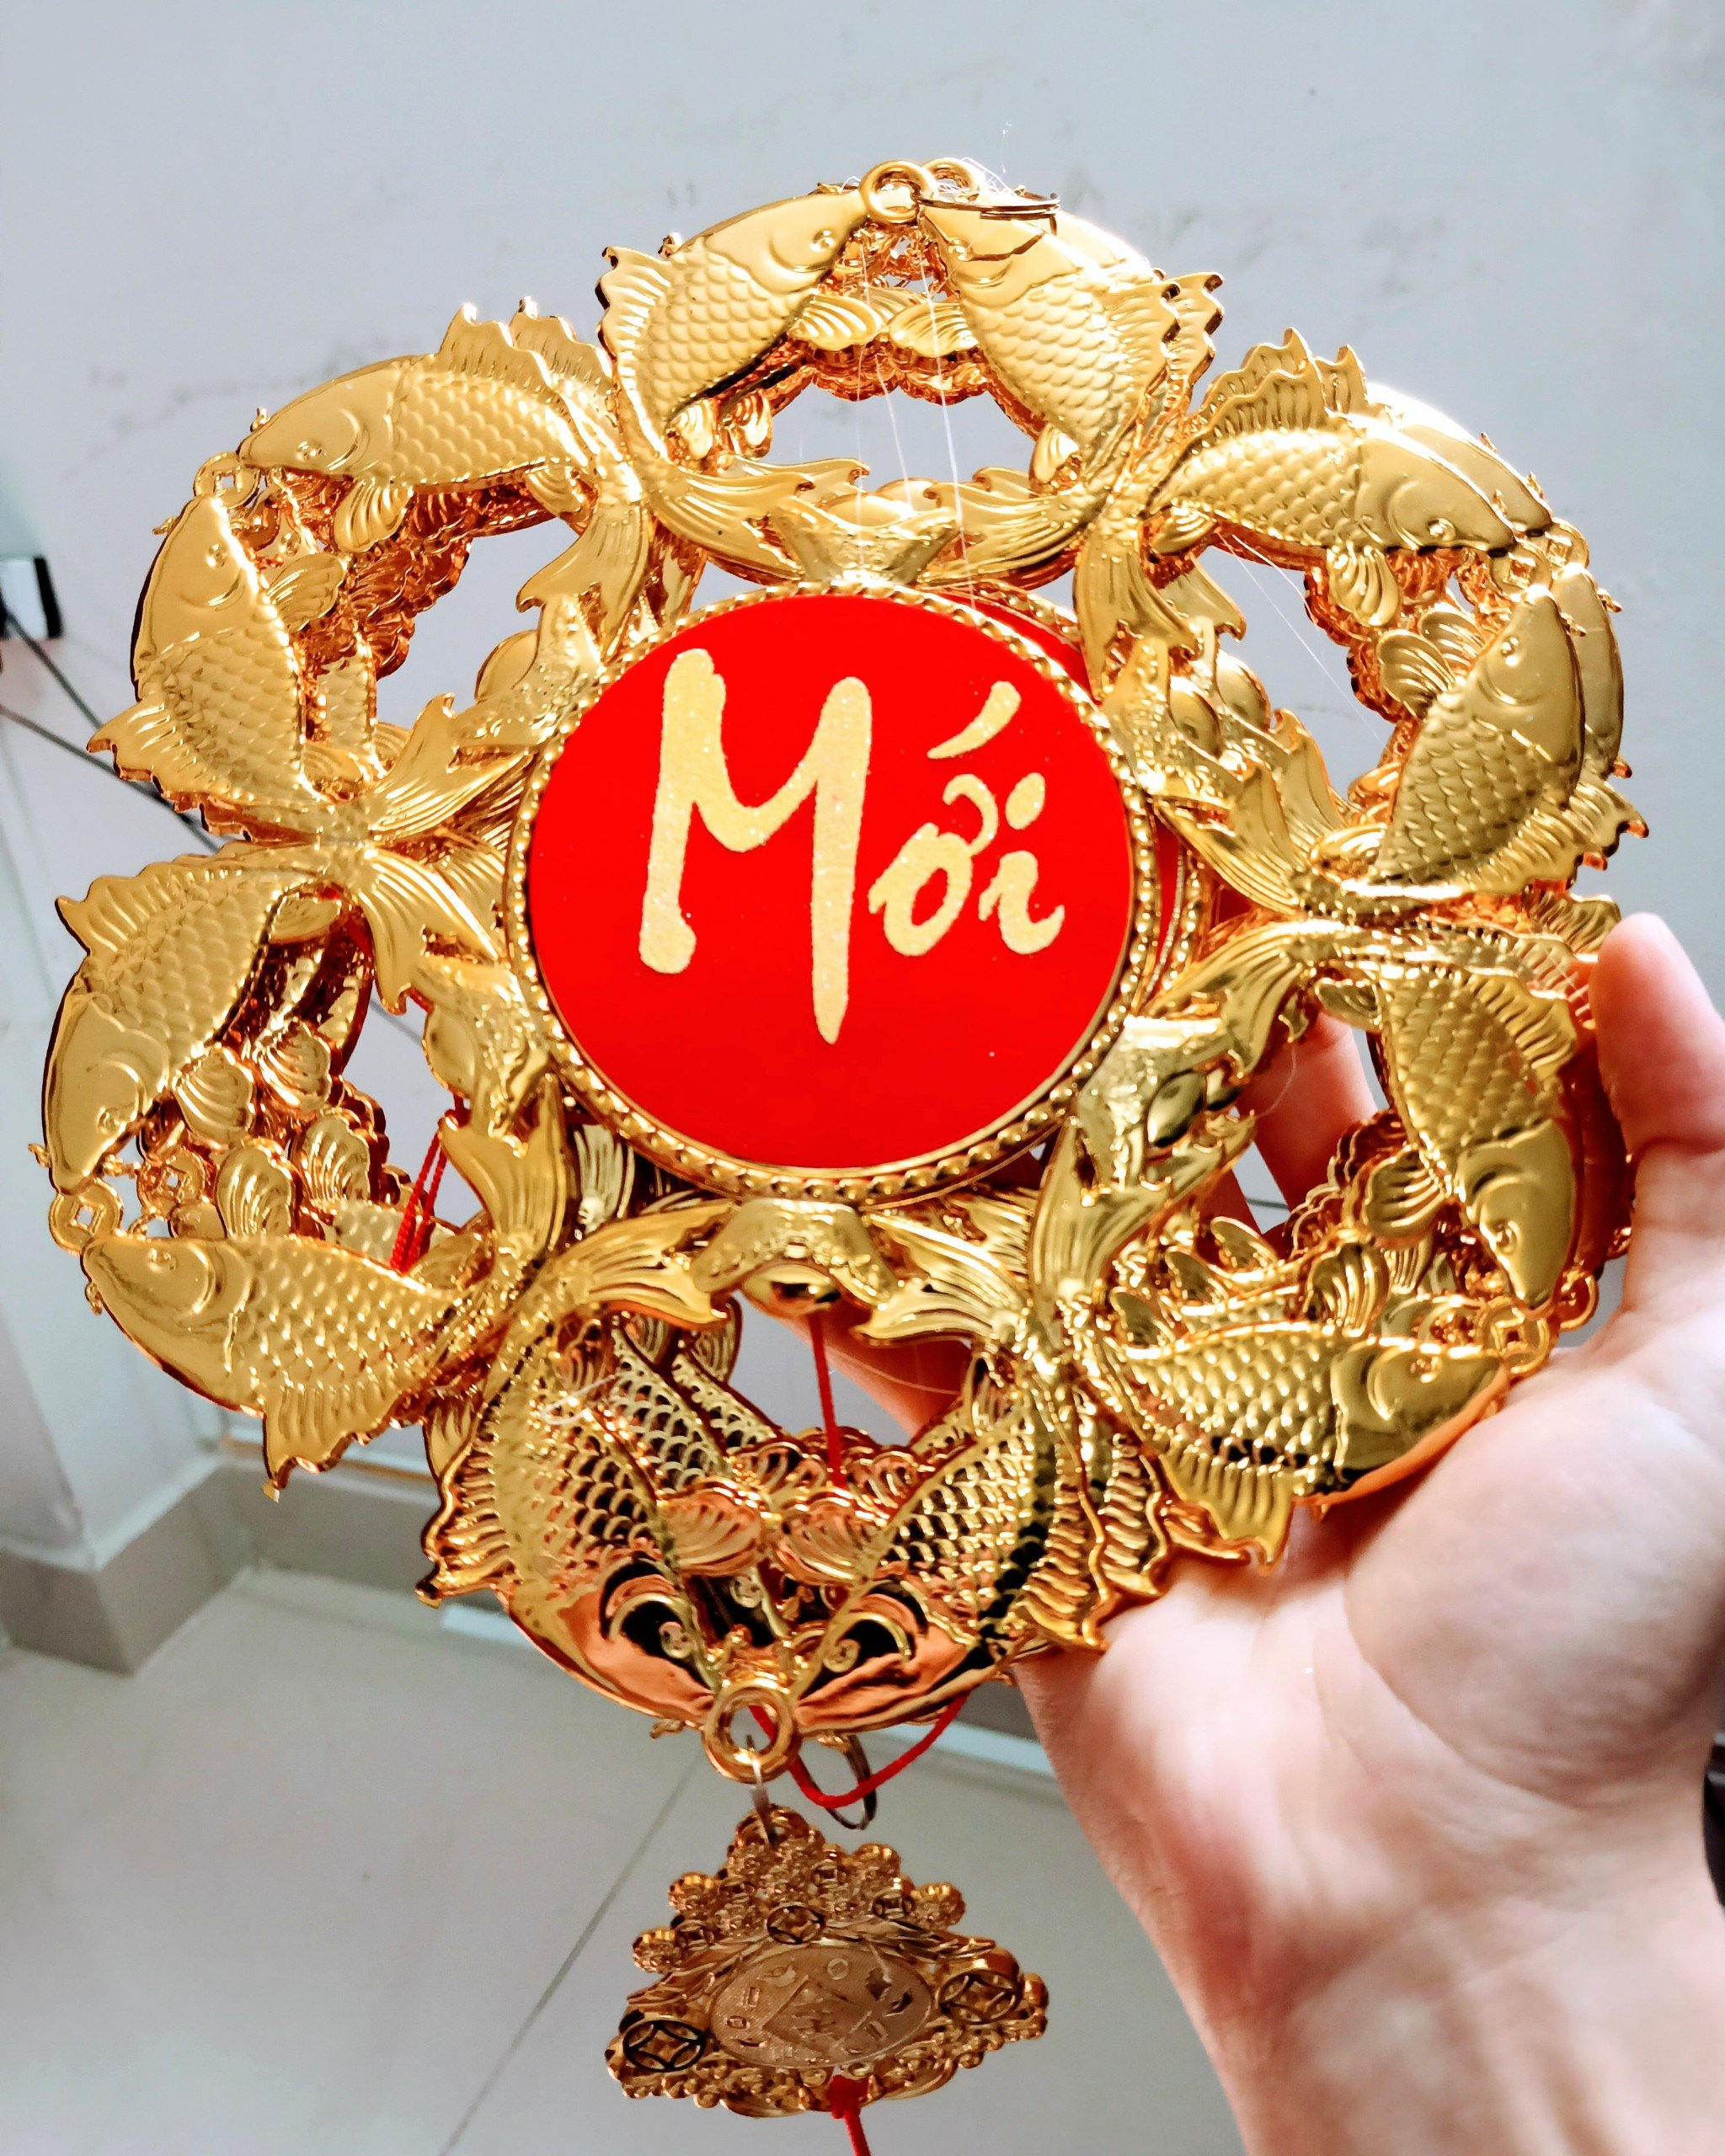 Lộc treo trang trí tết Cá vàng Chúc mừng năm mới - An khang thịnh vượng